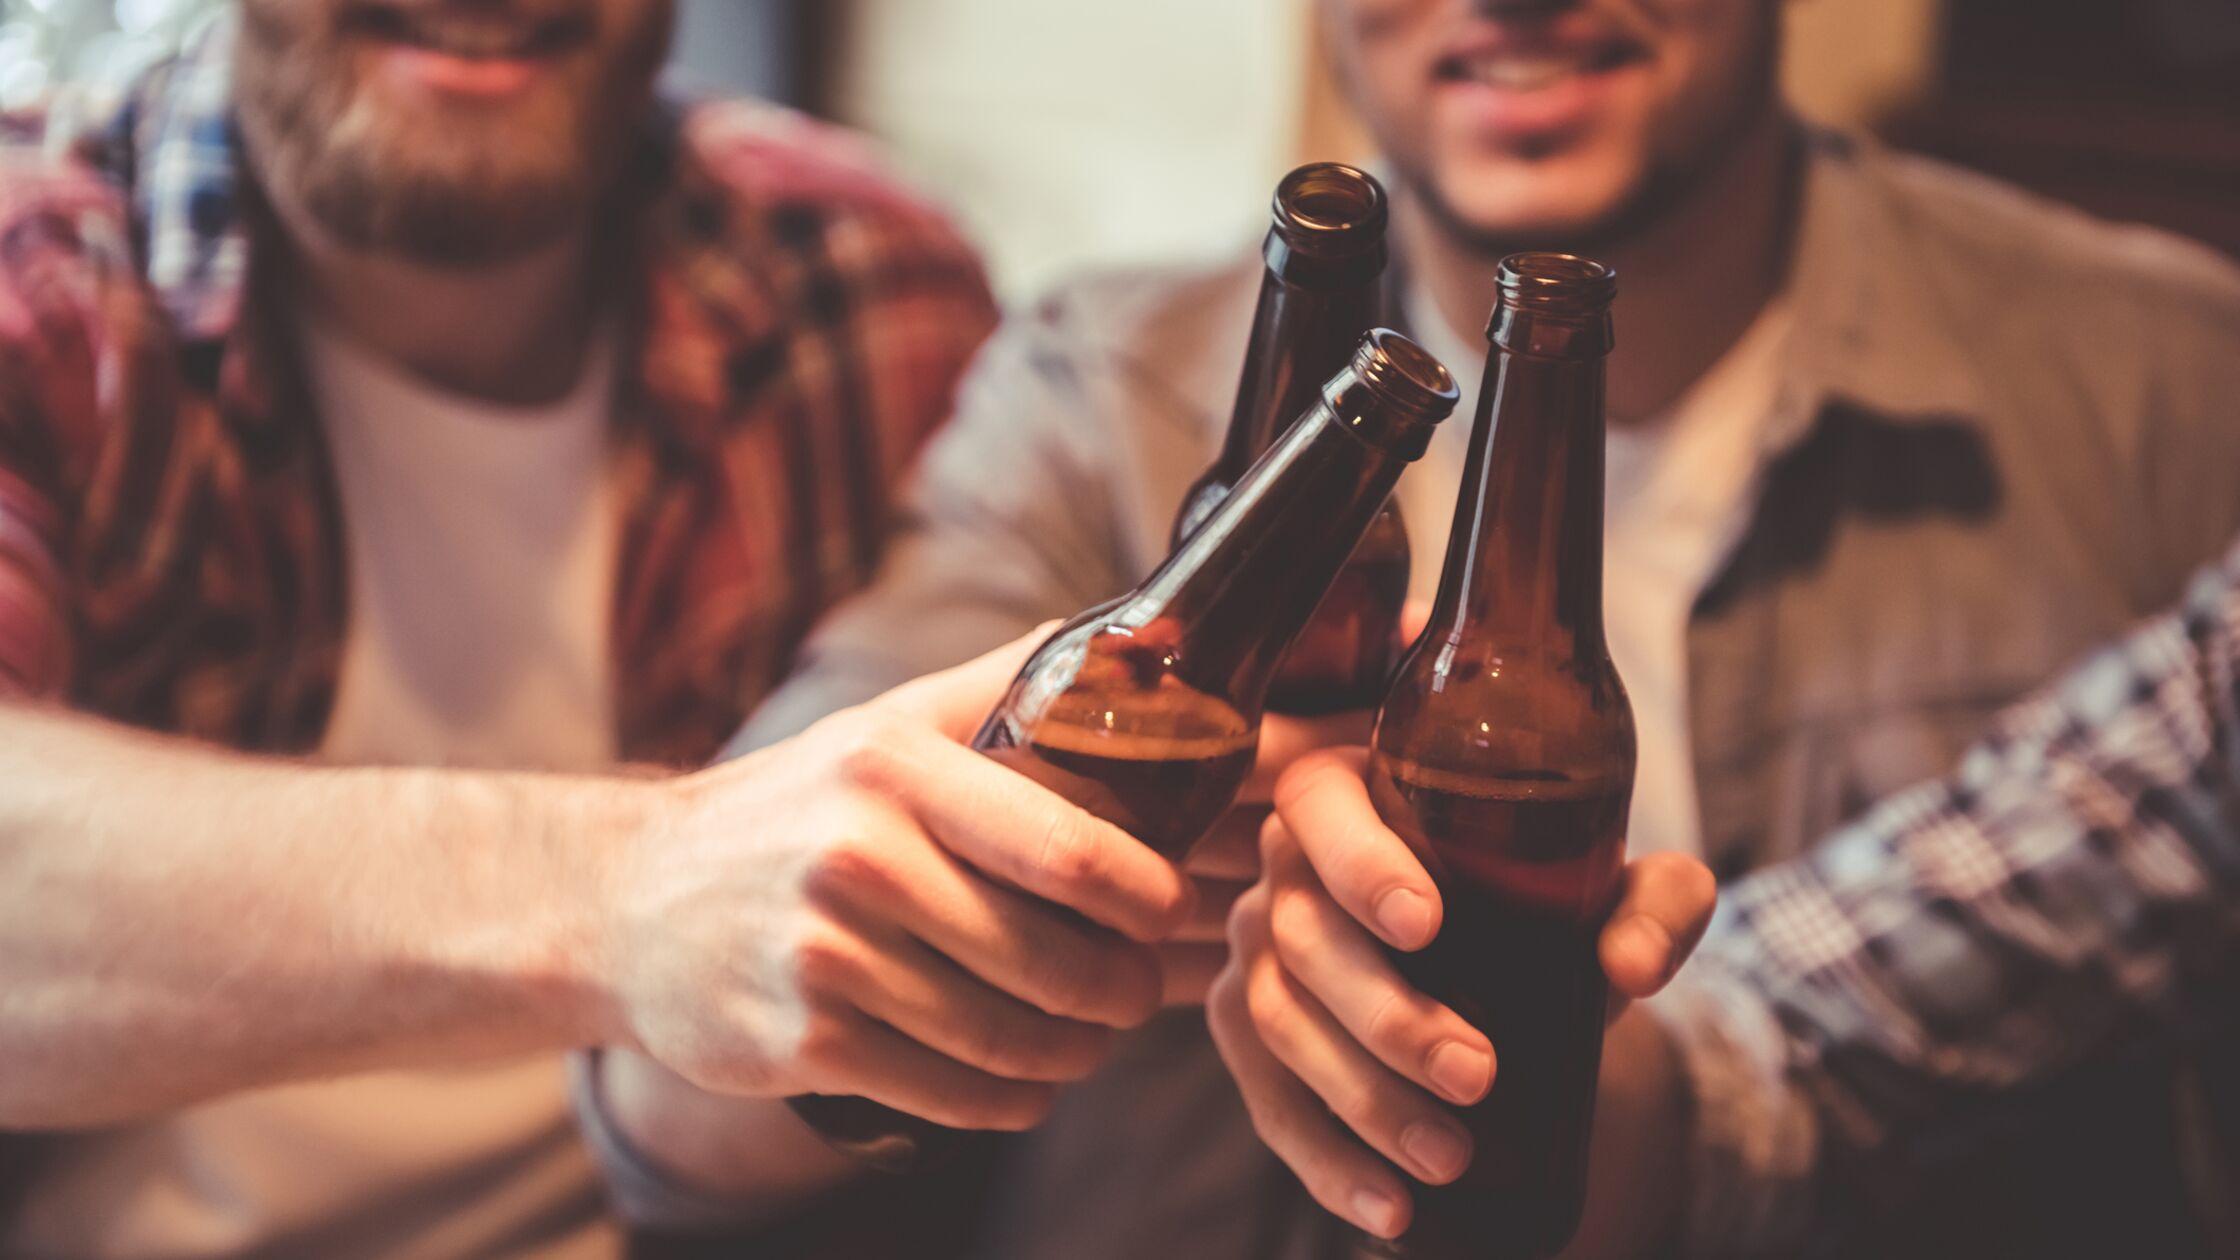 Männer stoßen mit Bierflaschen an